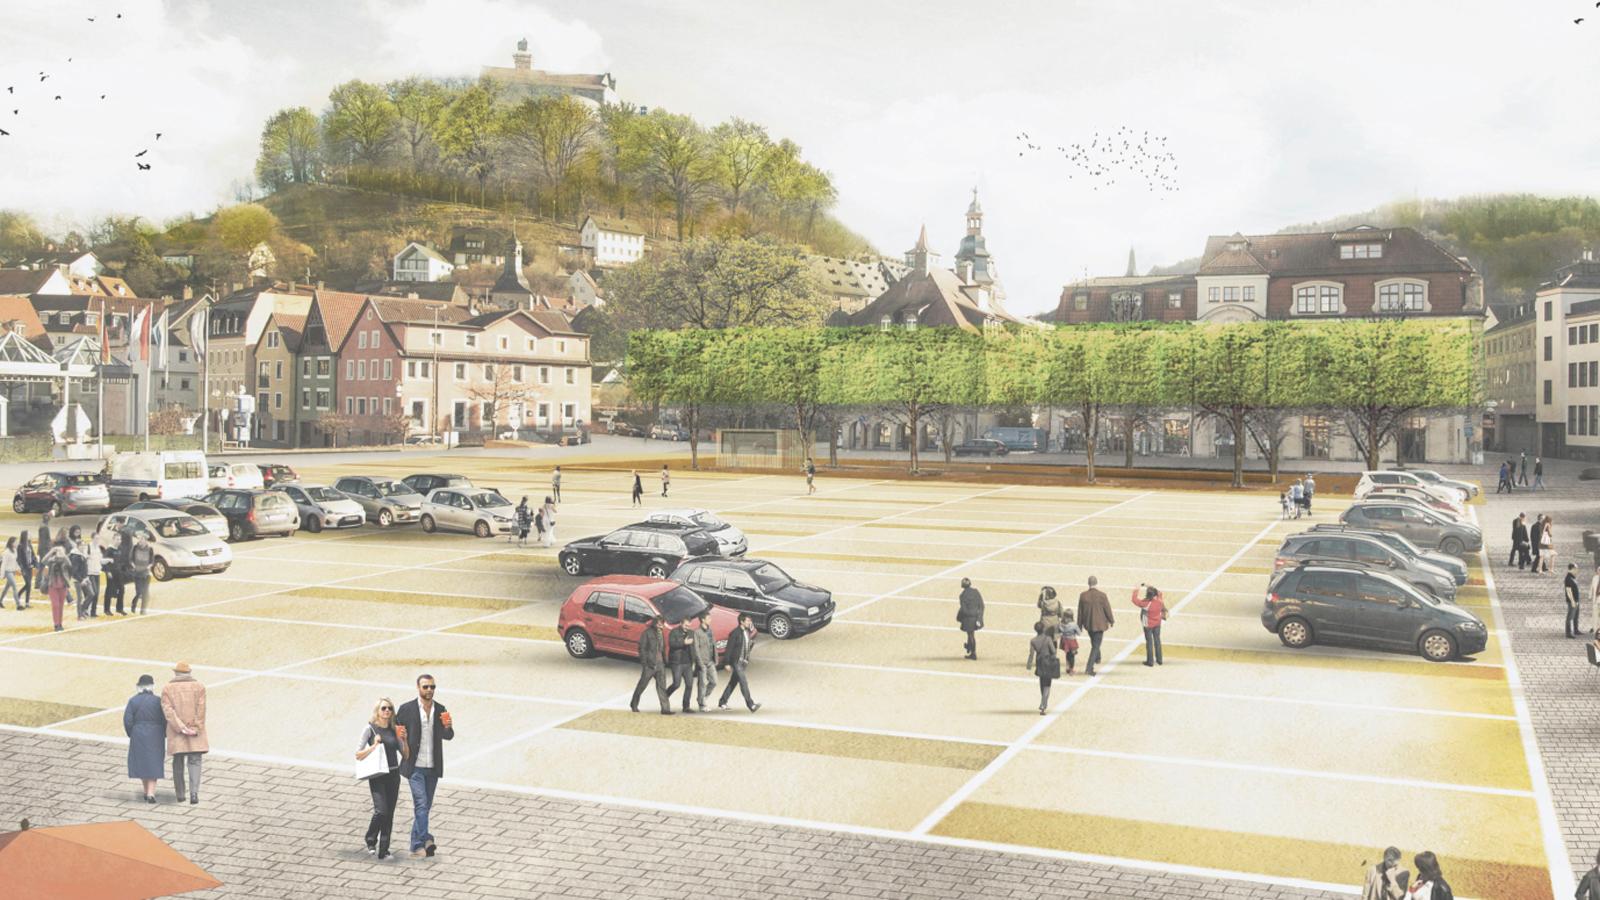 813692_sssszentralparkplatz kulmbach_blatt1-2 (verschoben)